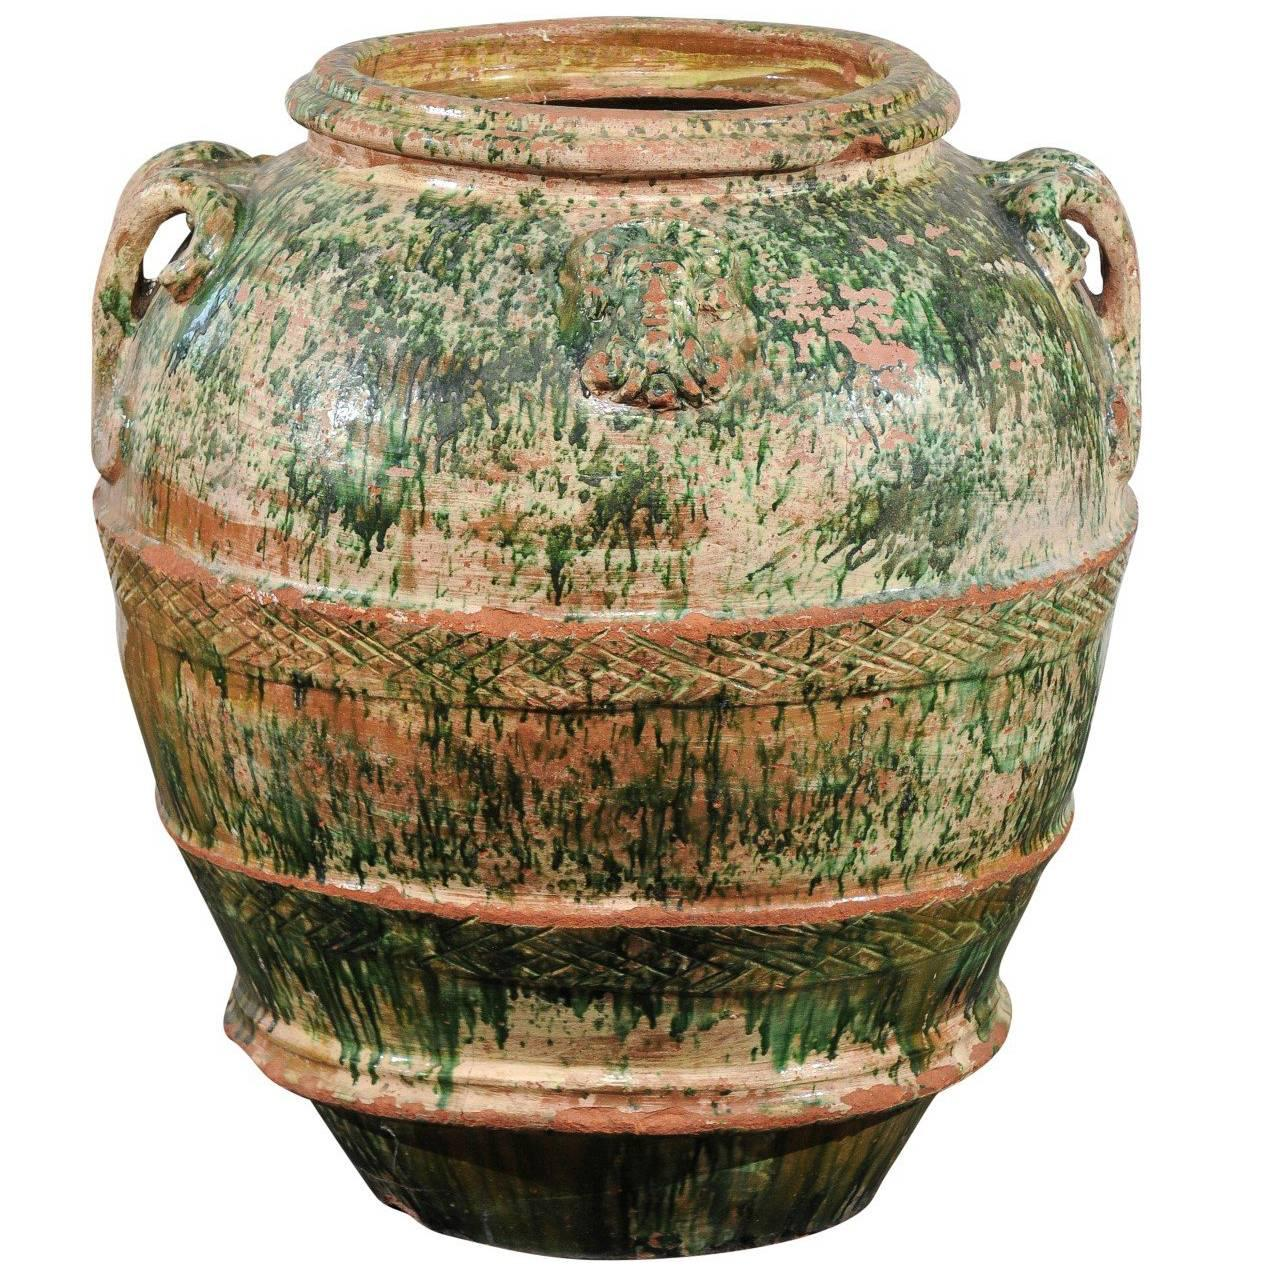 Jumbo 19th Century Italian Green Glazed Pot